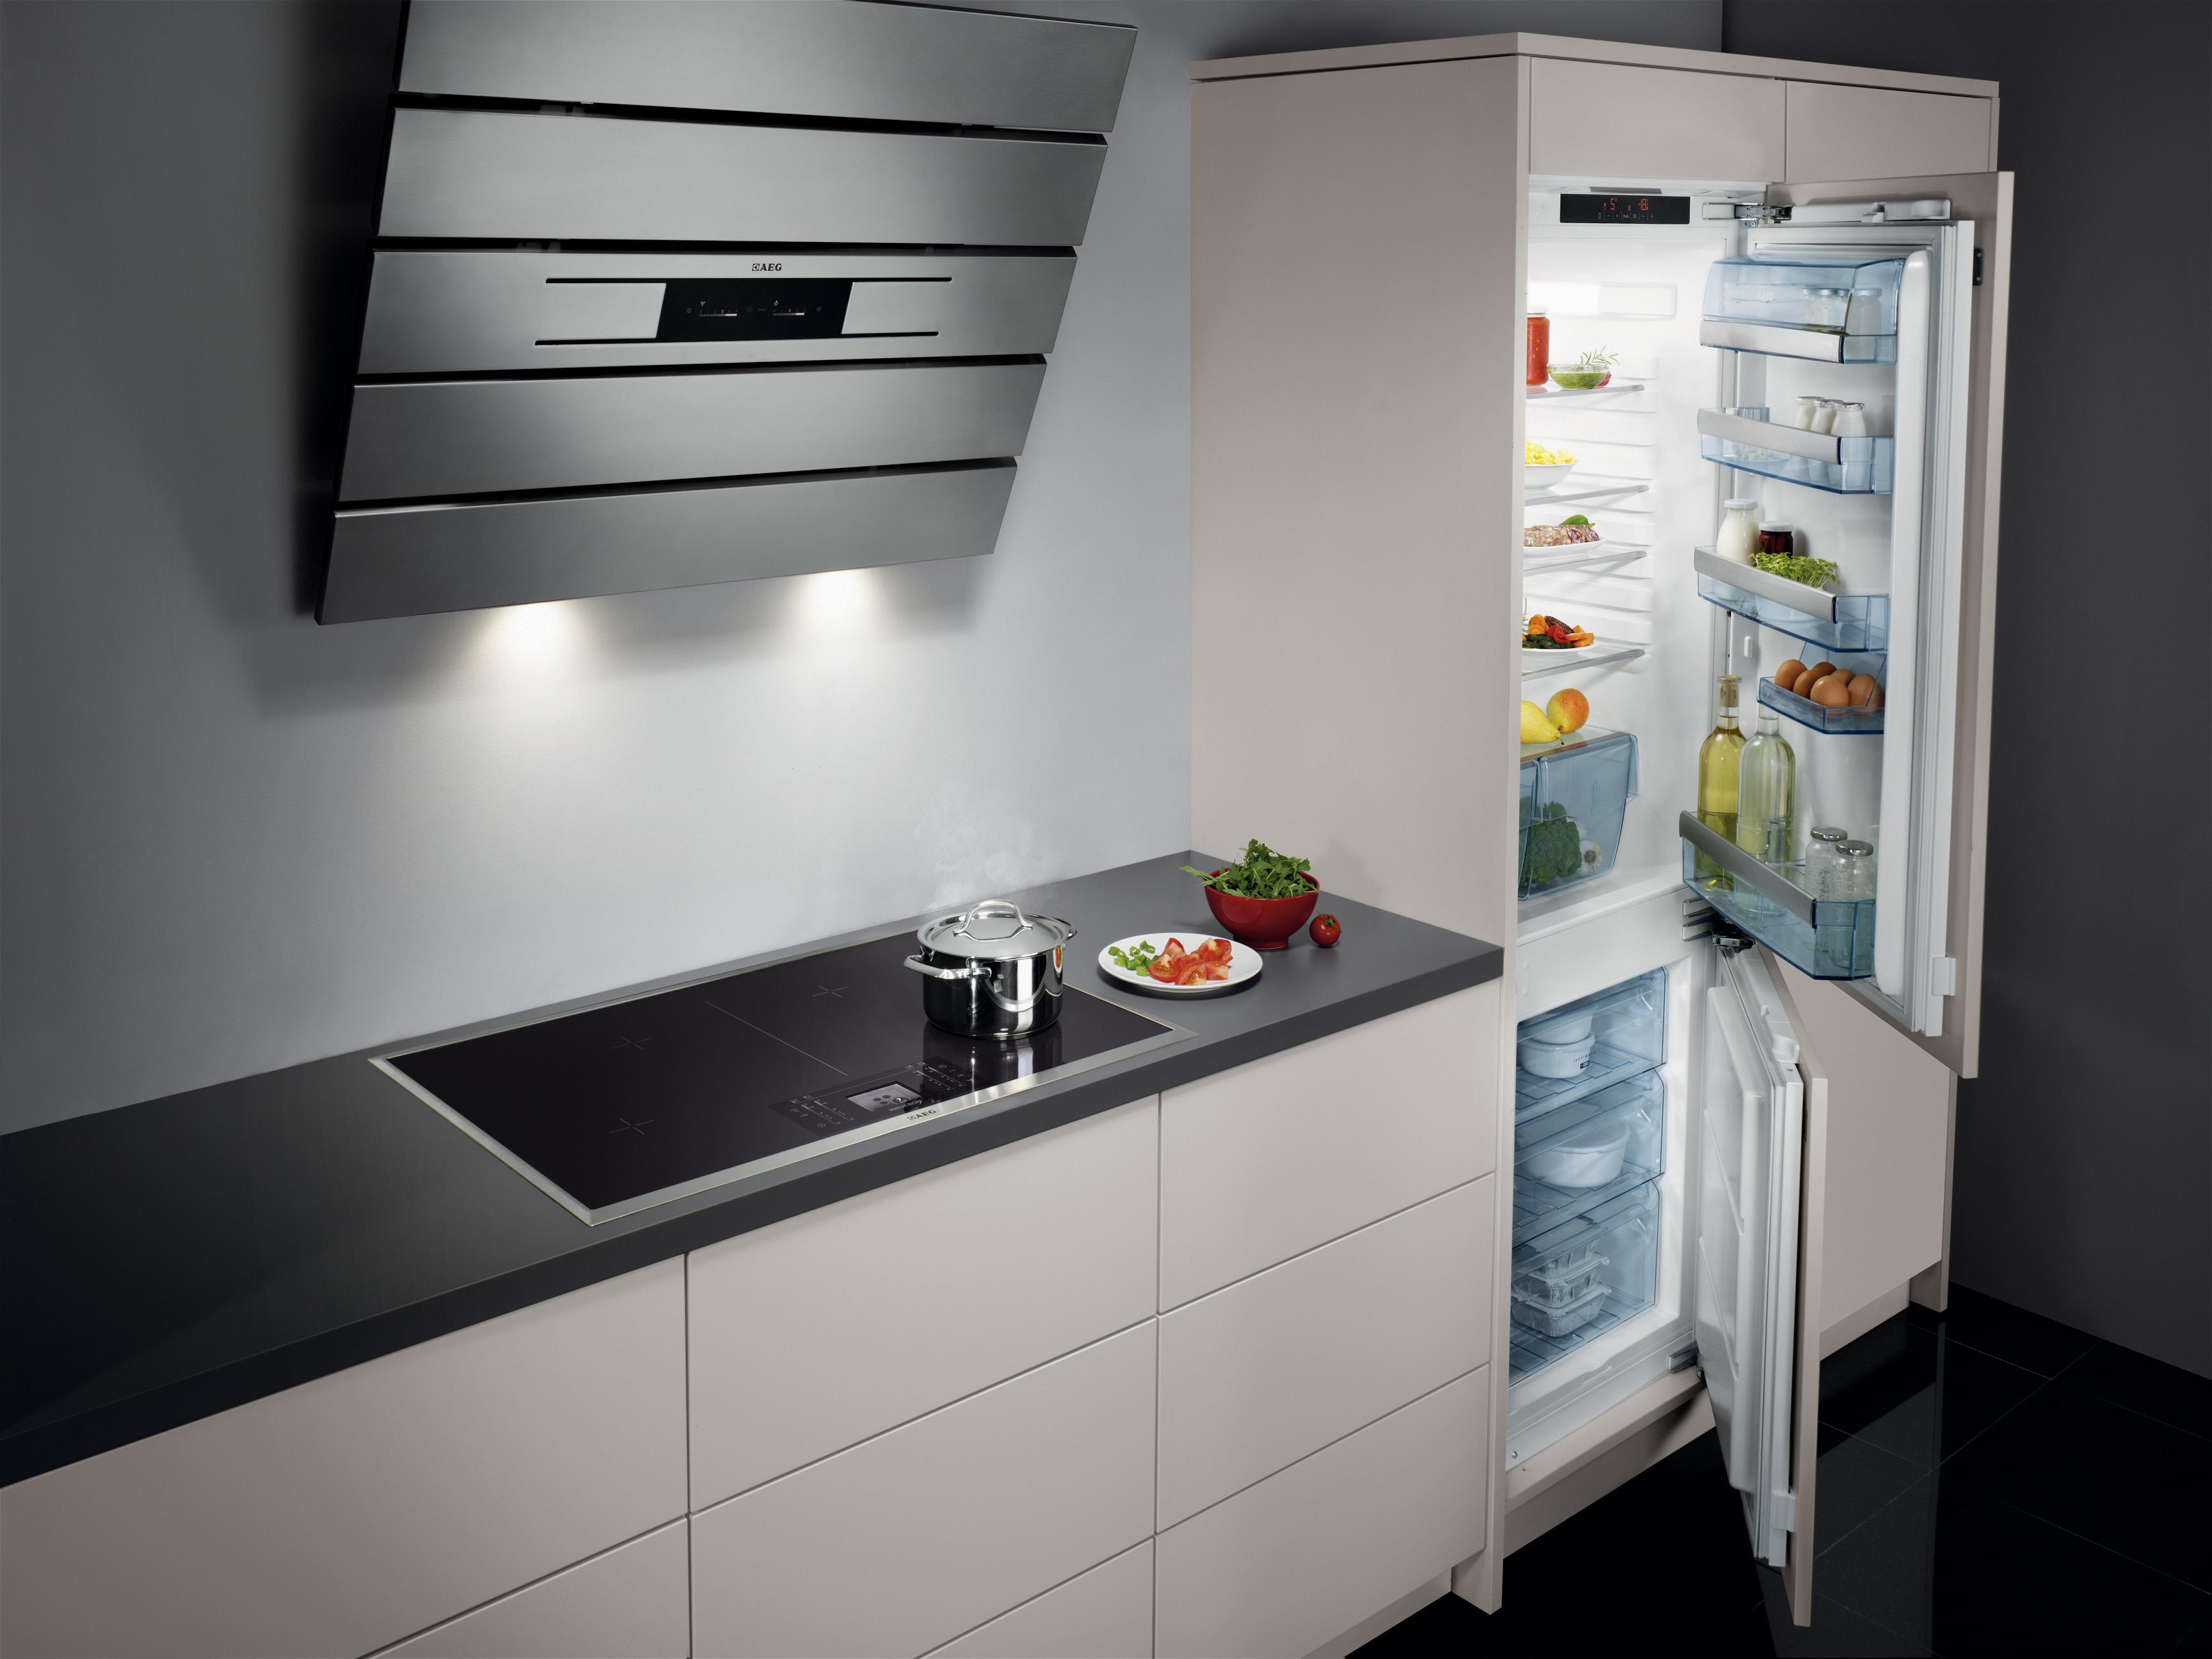 AEG keukenapparatuur - Keuken Drachten